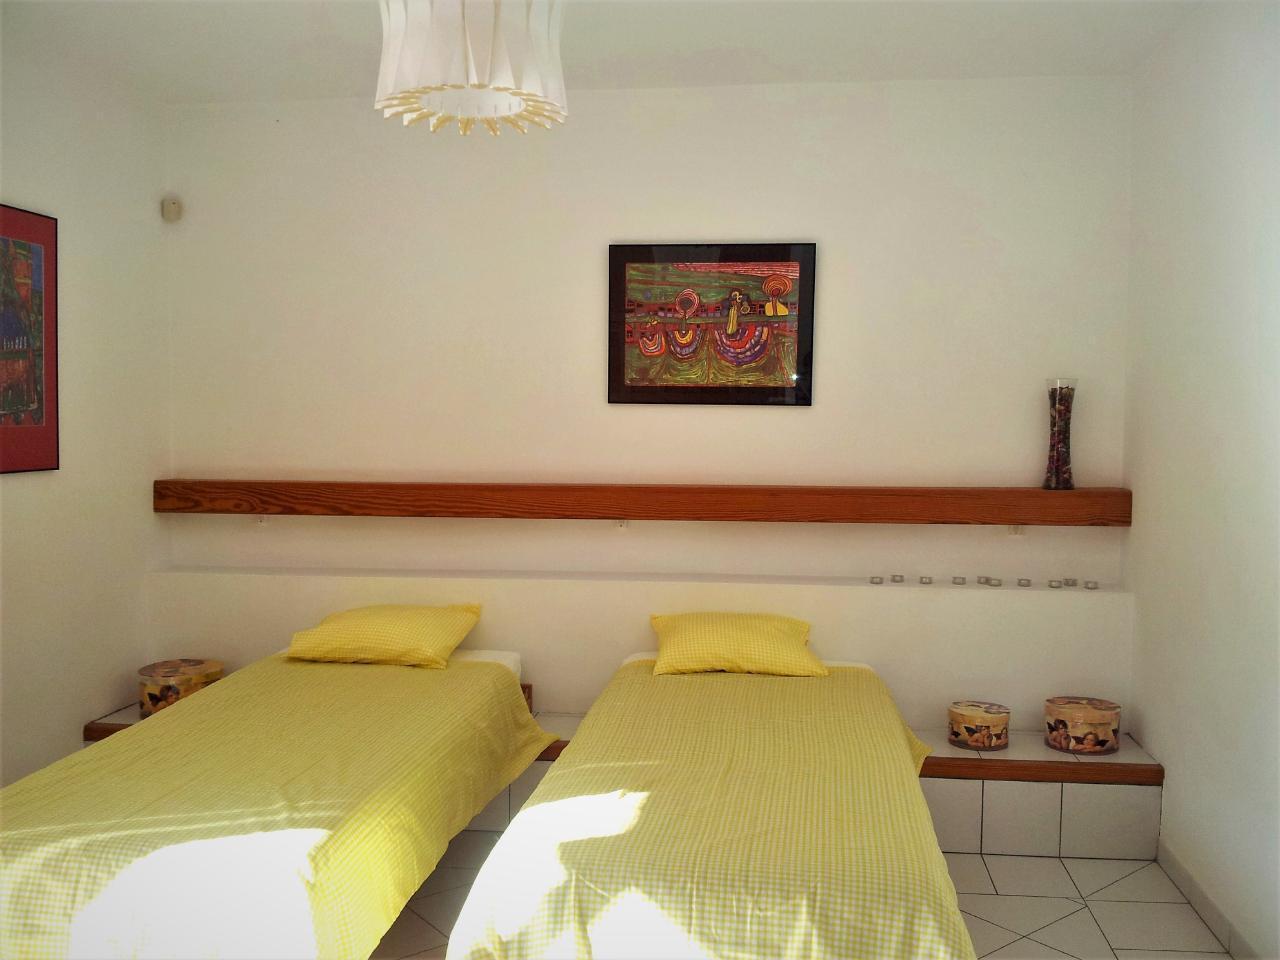 Ferienhaus Exklusive Villa in Strandnähe (642541), Giniginamar, Fuerteventura, Kanarische Inseln, Spanien, Bild 71